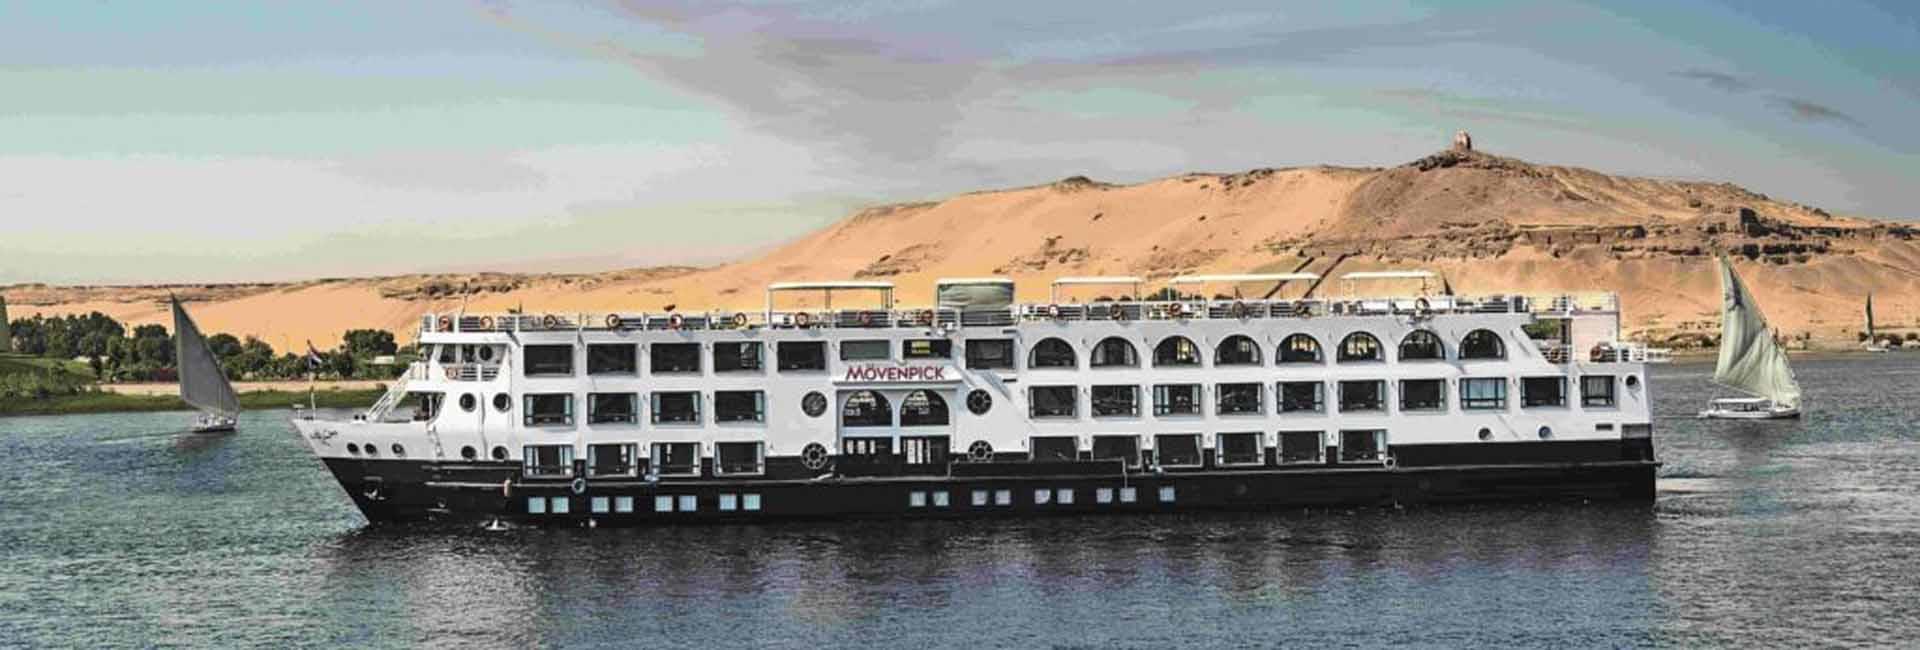 Movenpick MS Sunray Nile Cruise